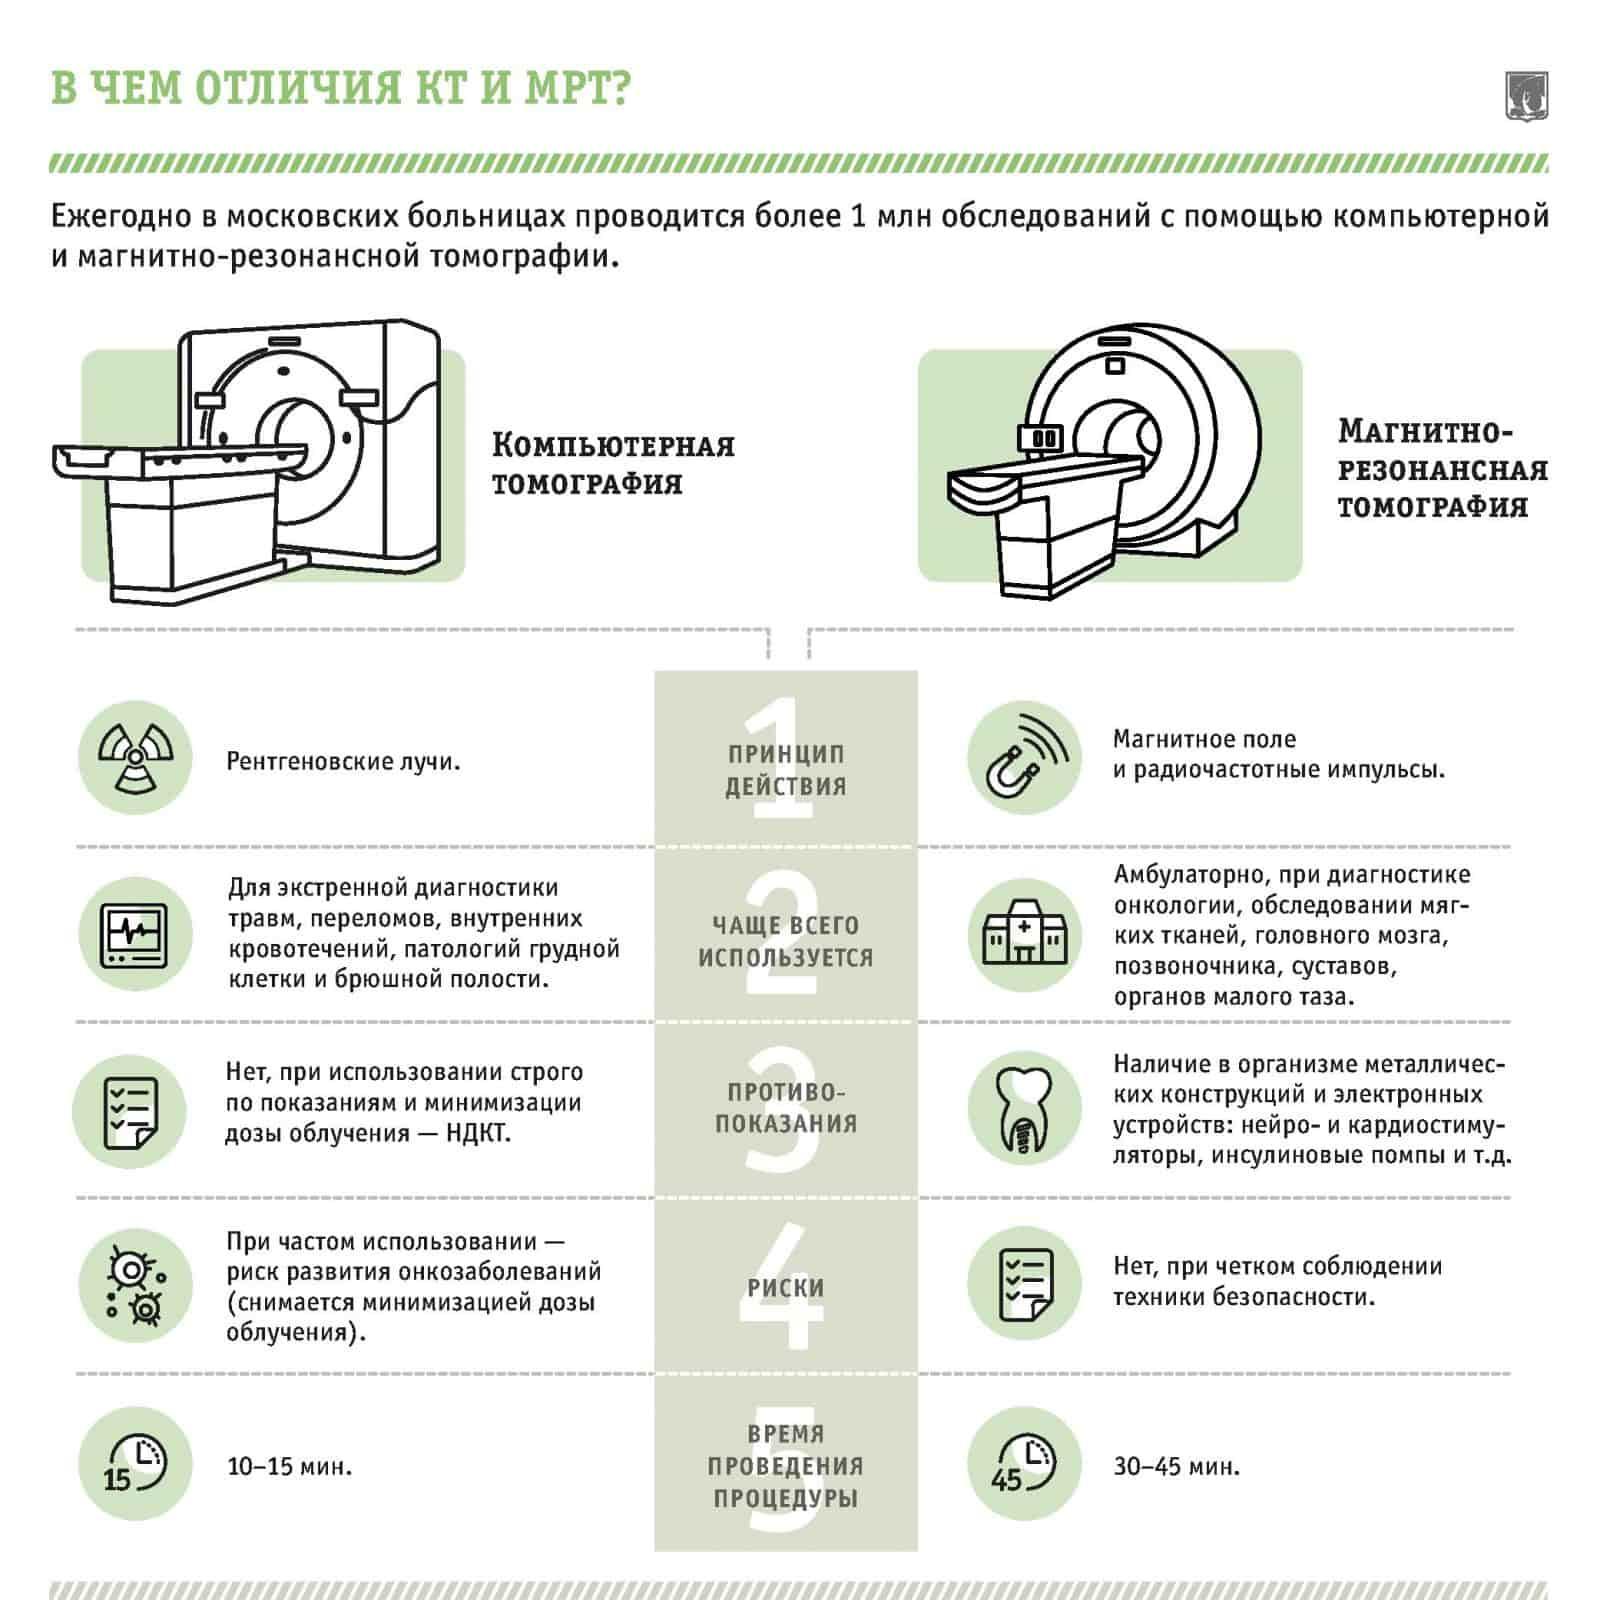 Отличия КТ и МРТ